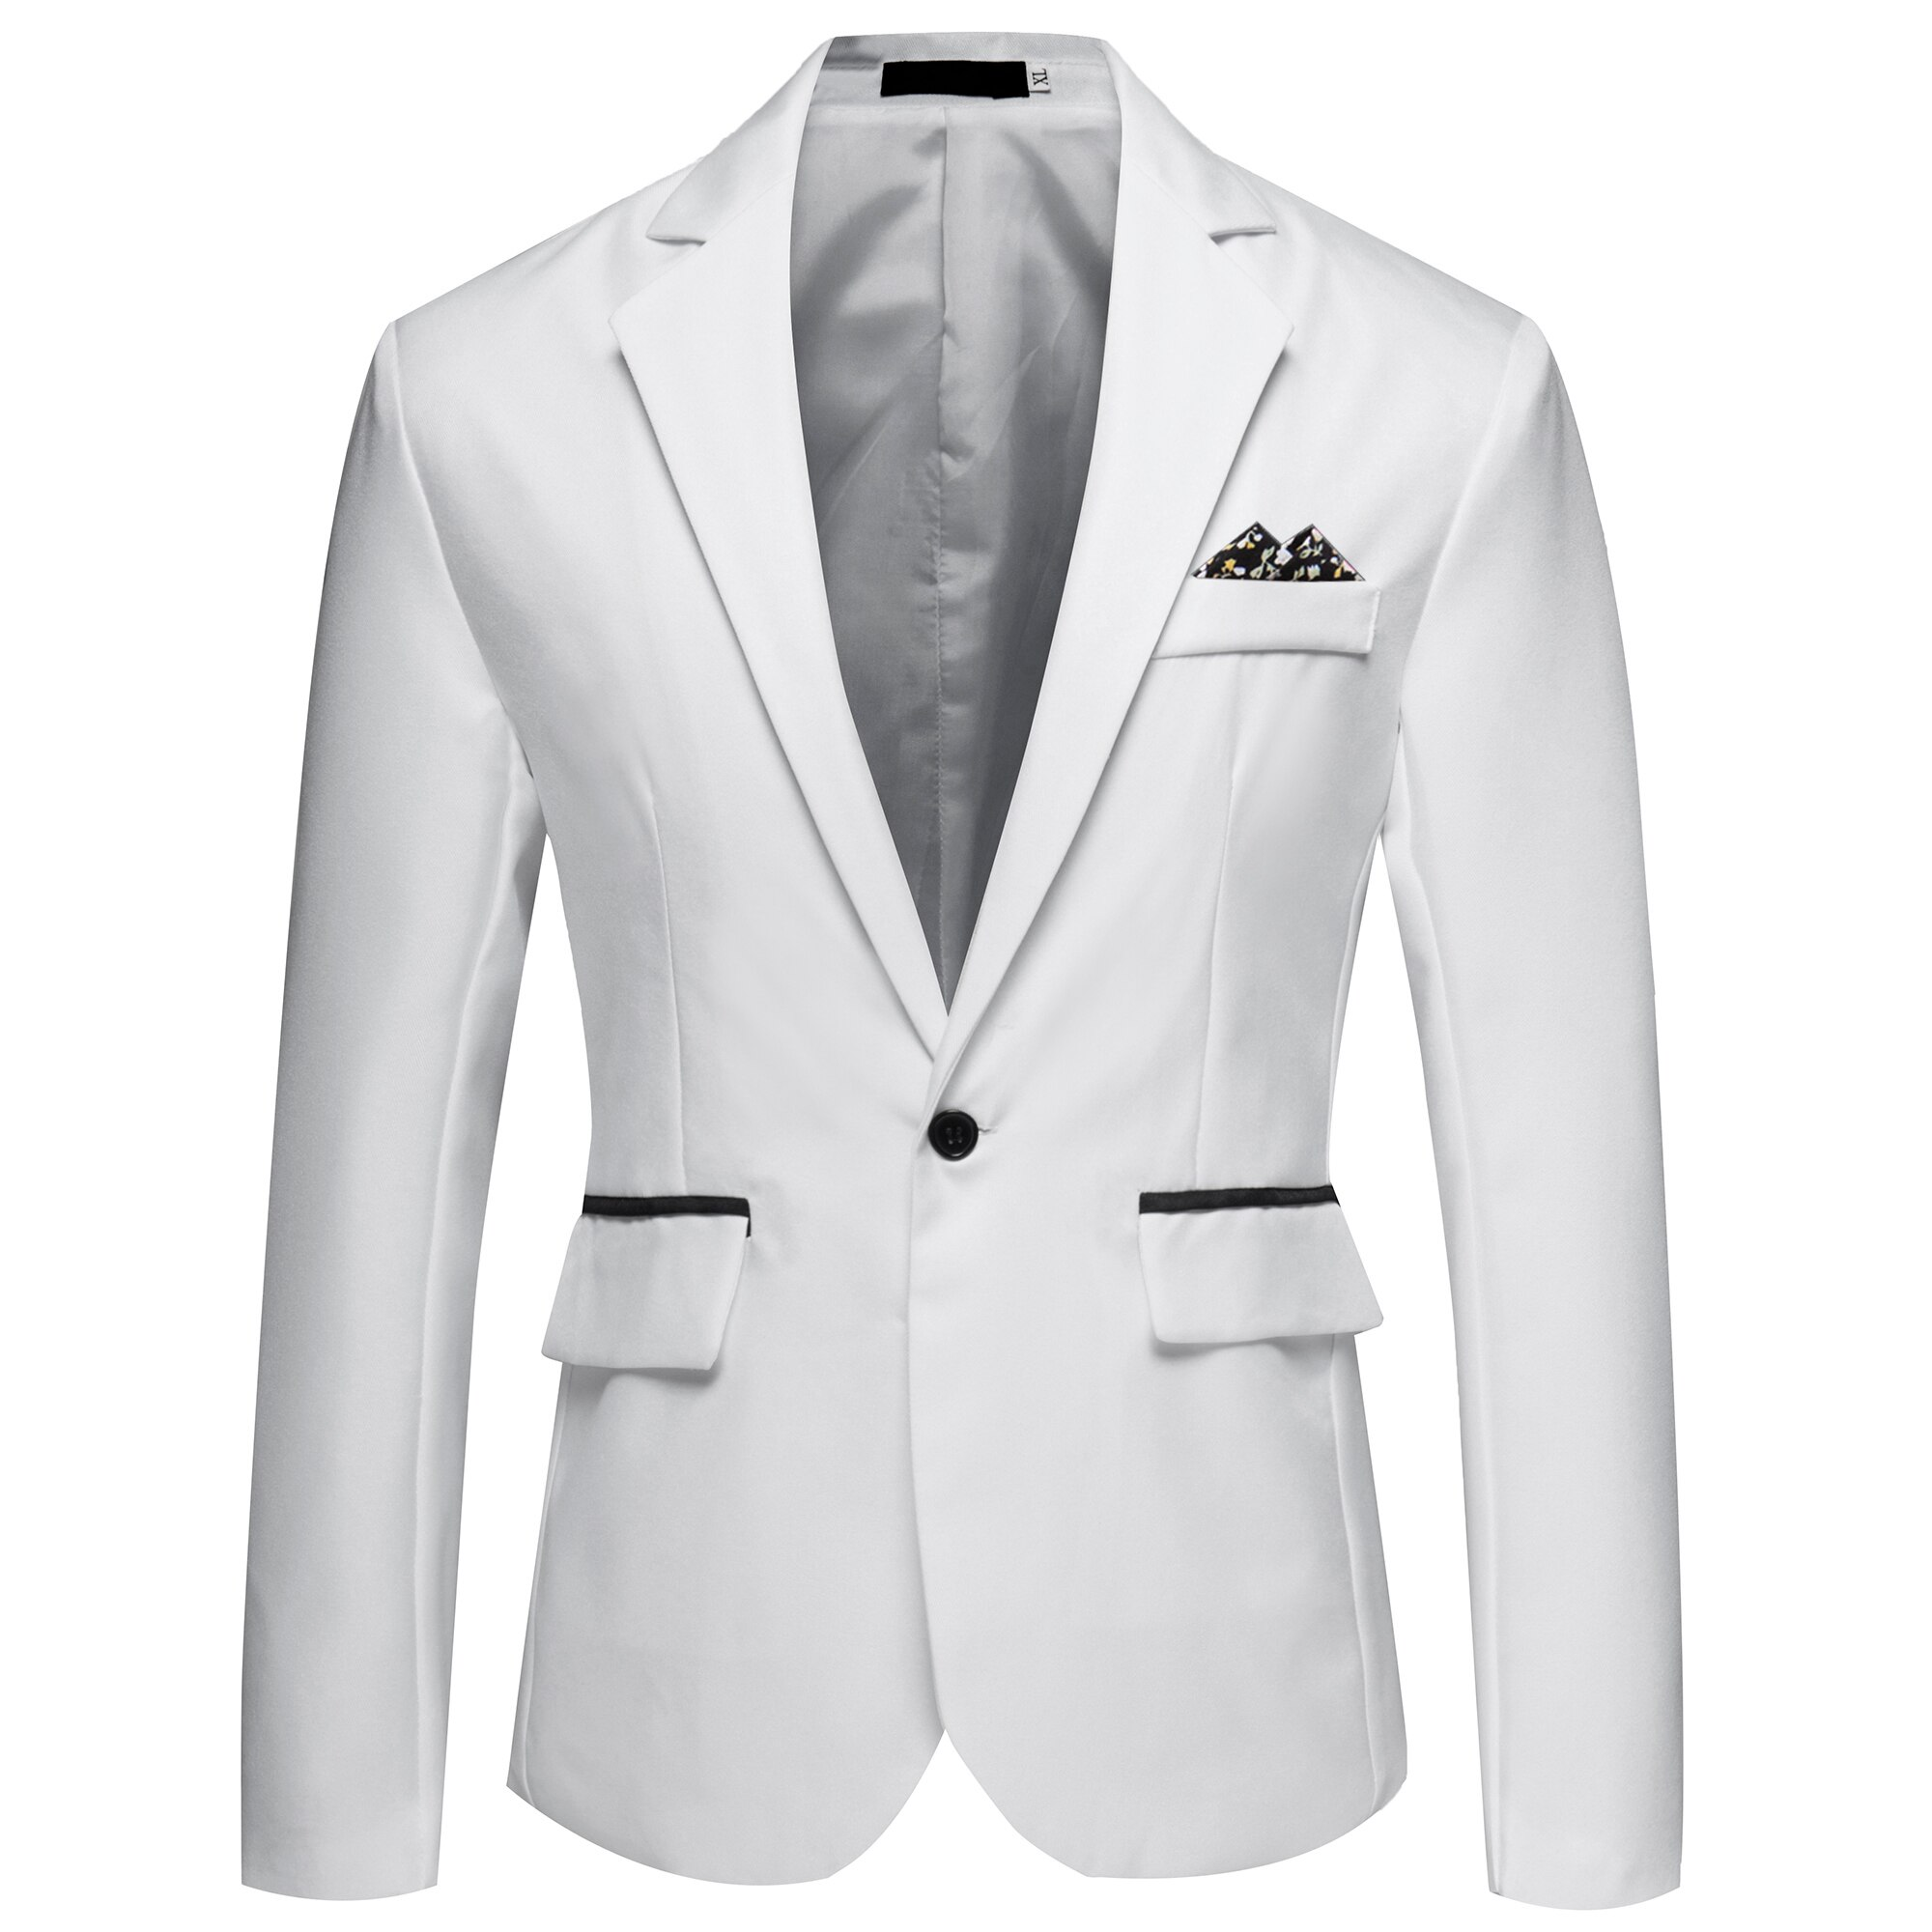 Men Leisure Suits  Apring Autumn Thin Style Suit Male  Slim Body Single Button Men's Suit Jacket